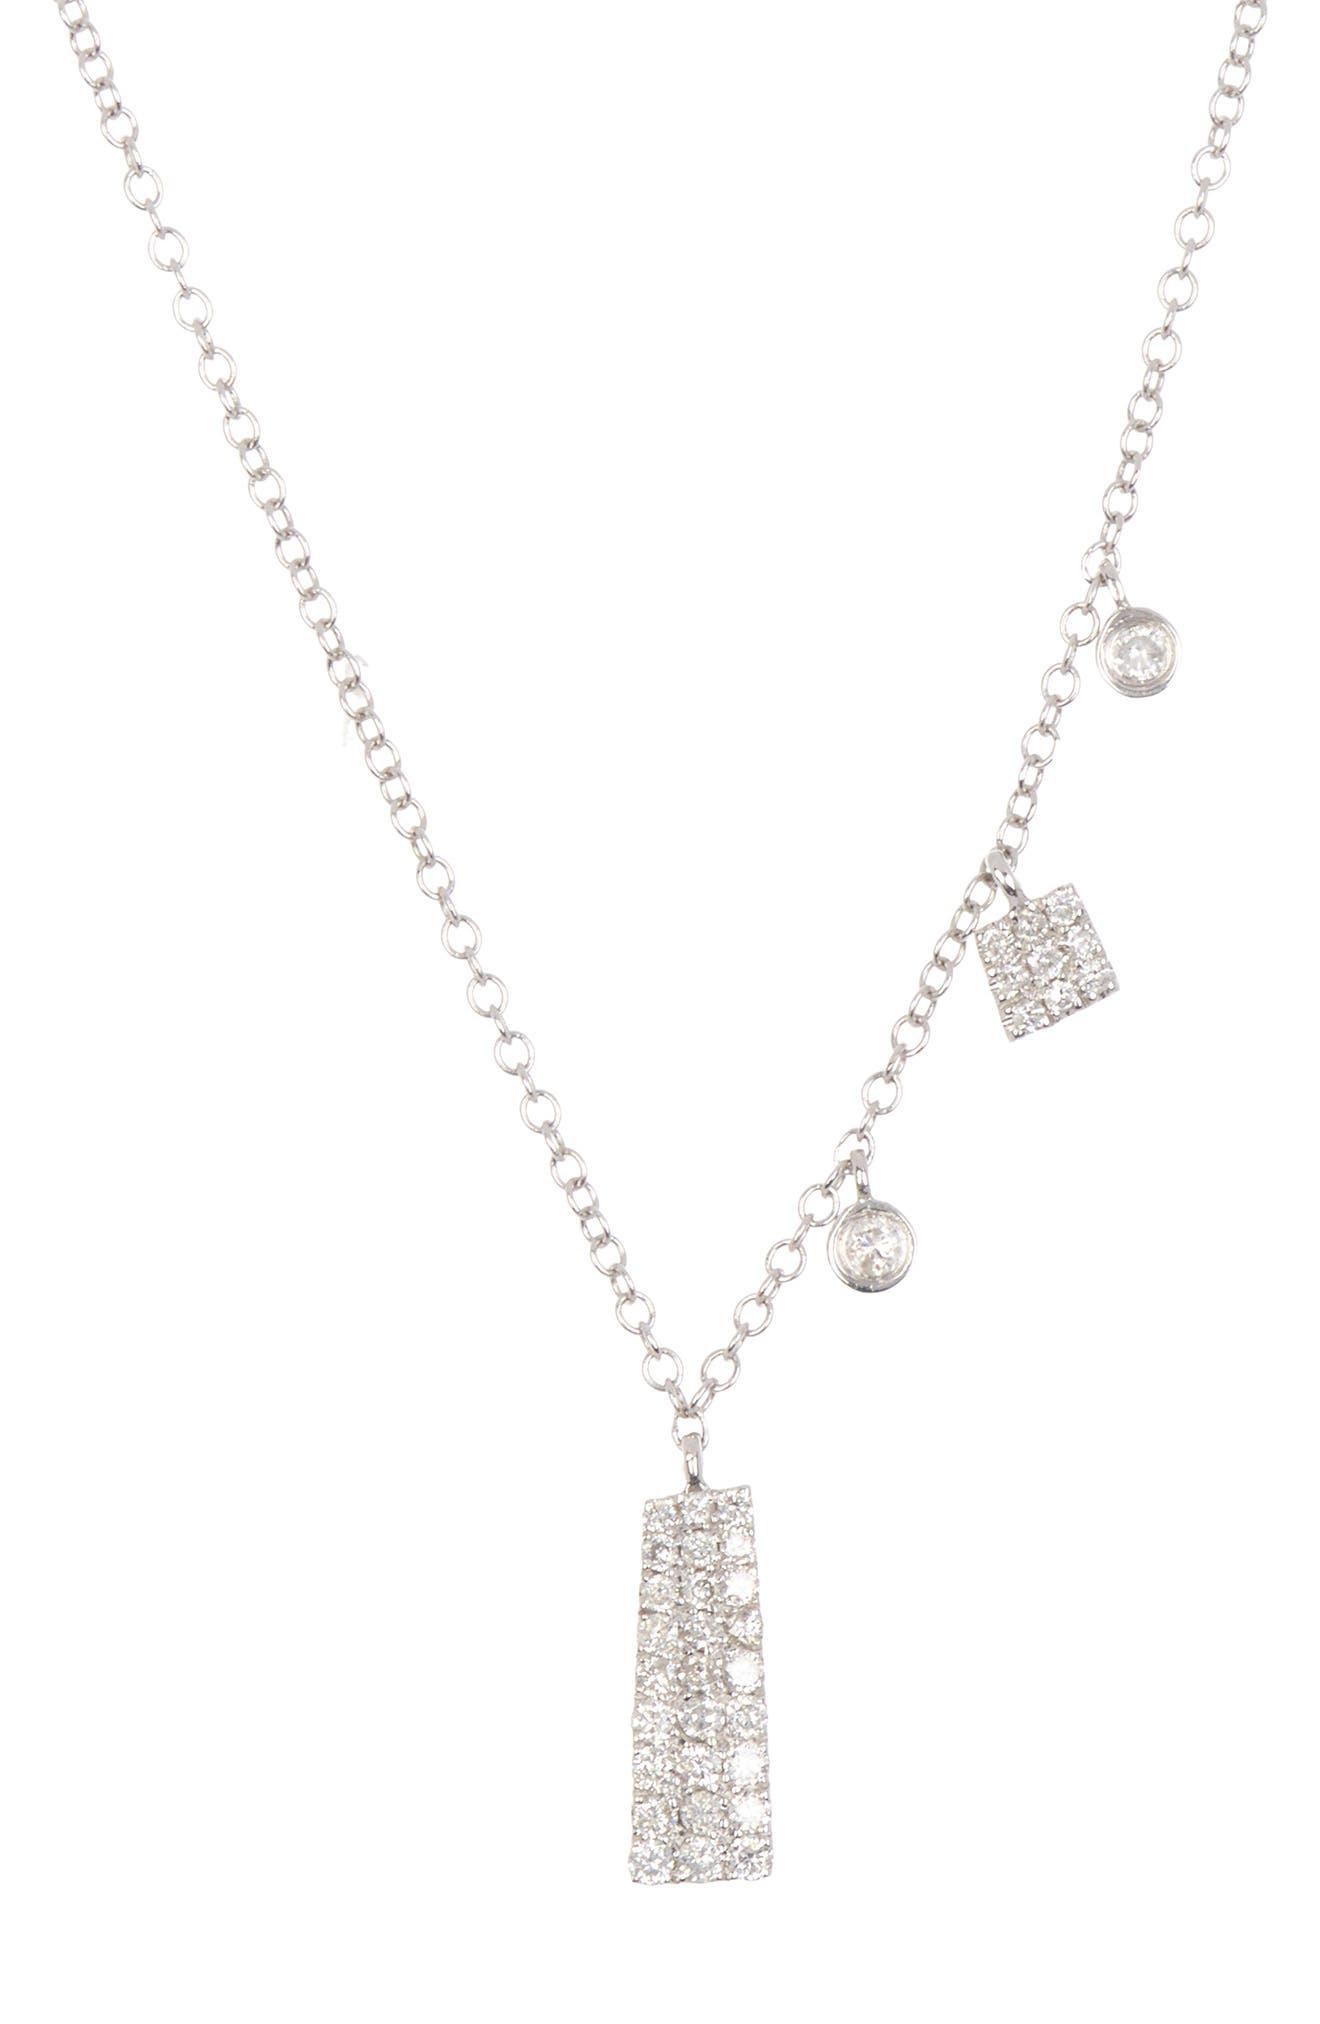 Meira T 14k White Gold White Diamond Necklace